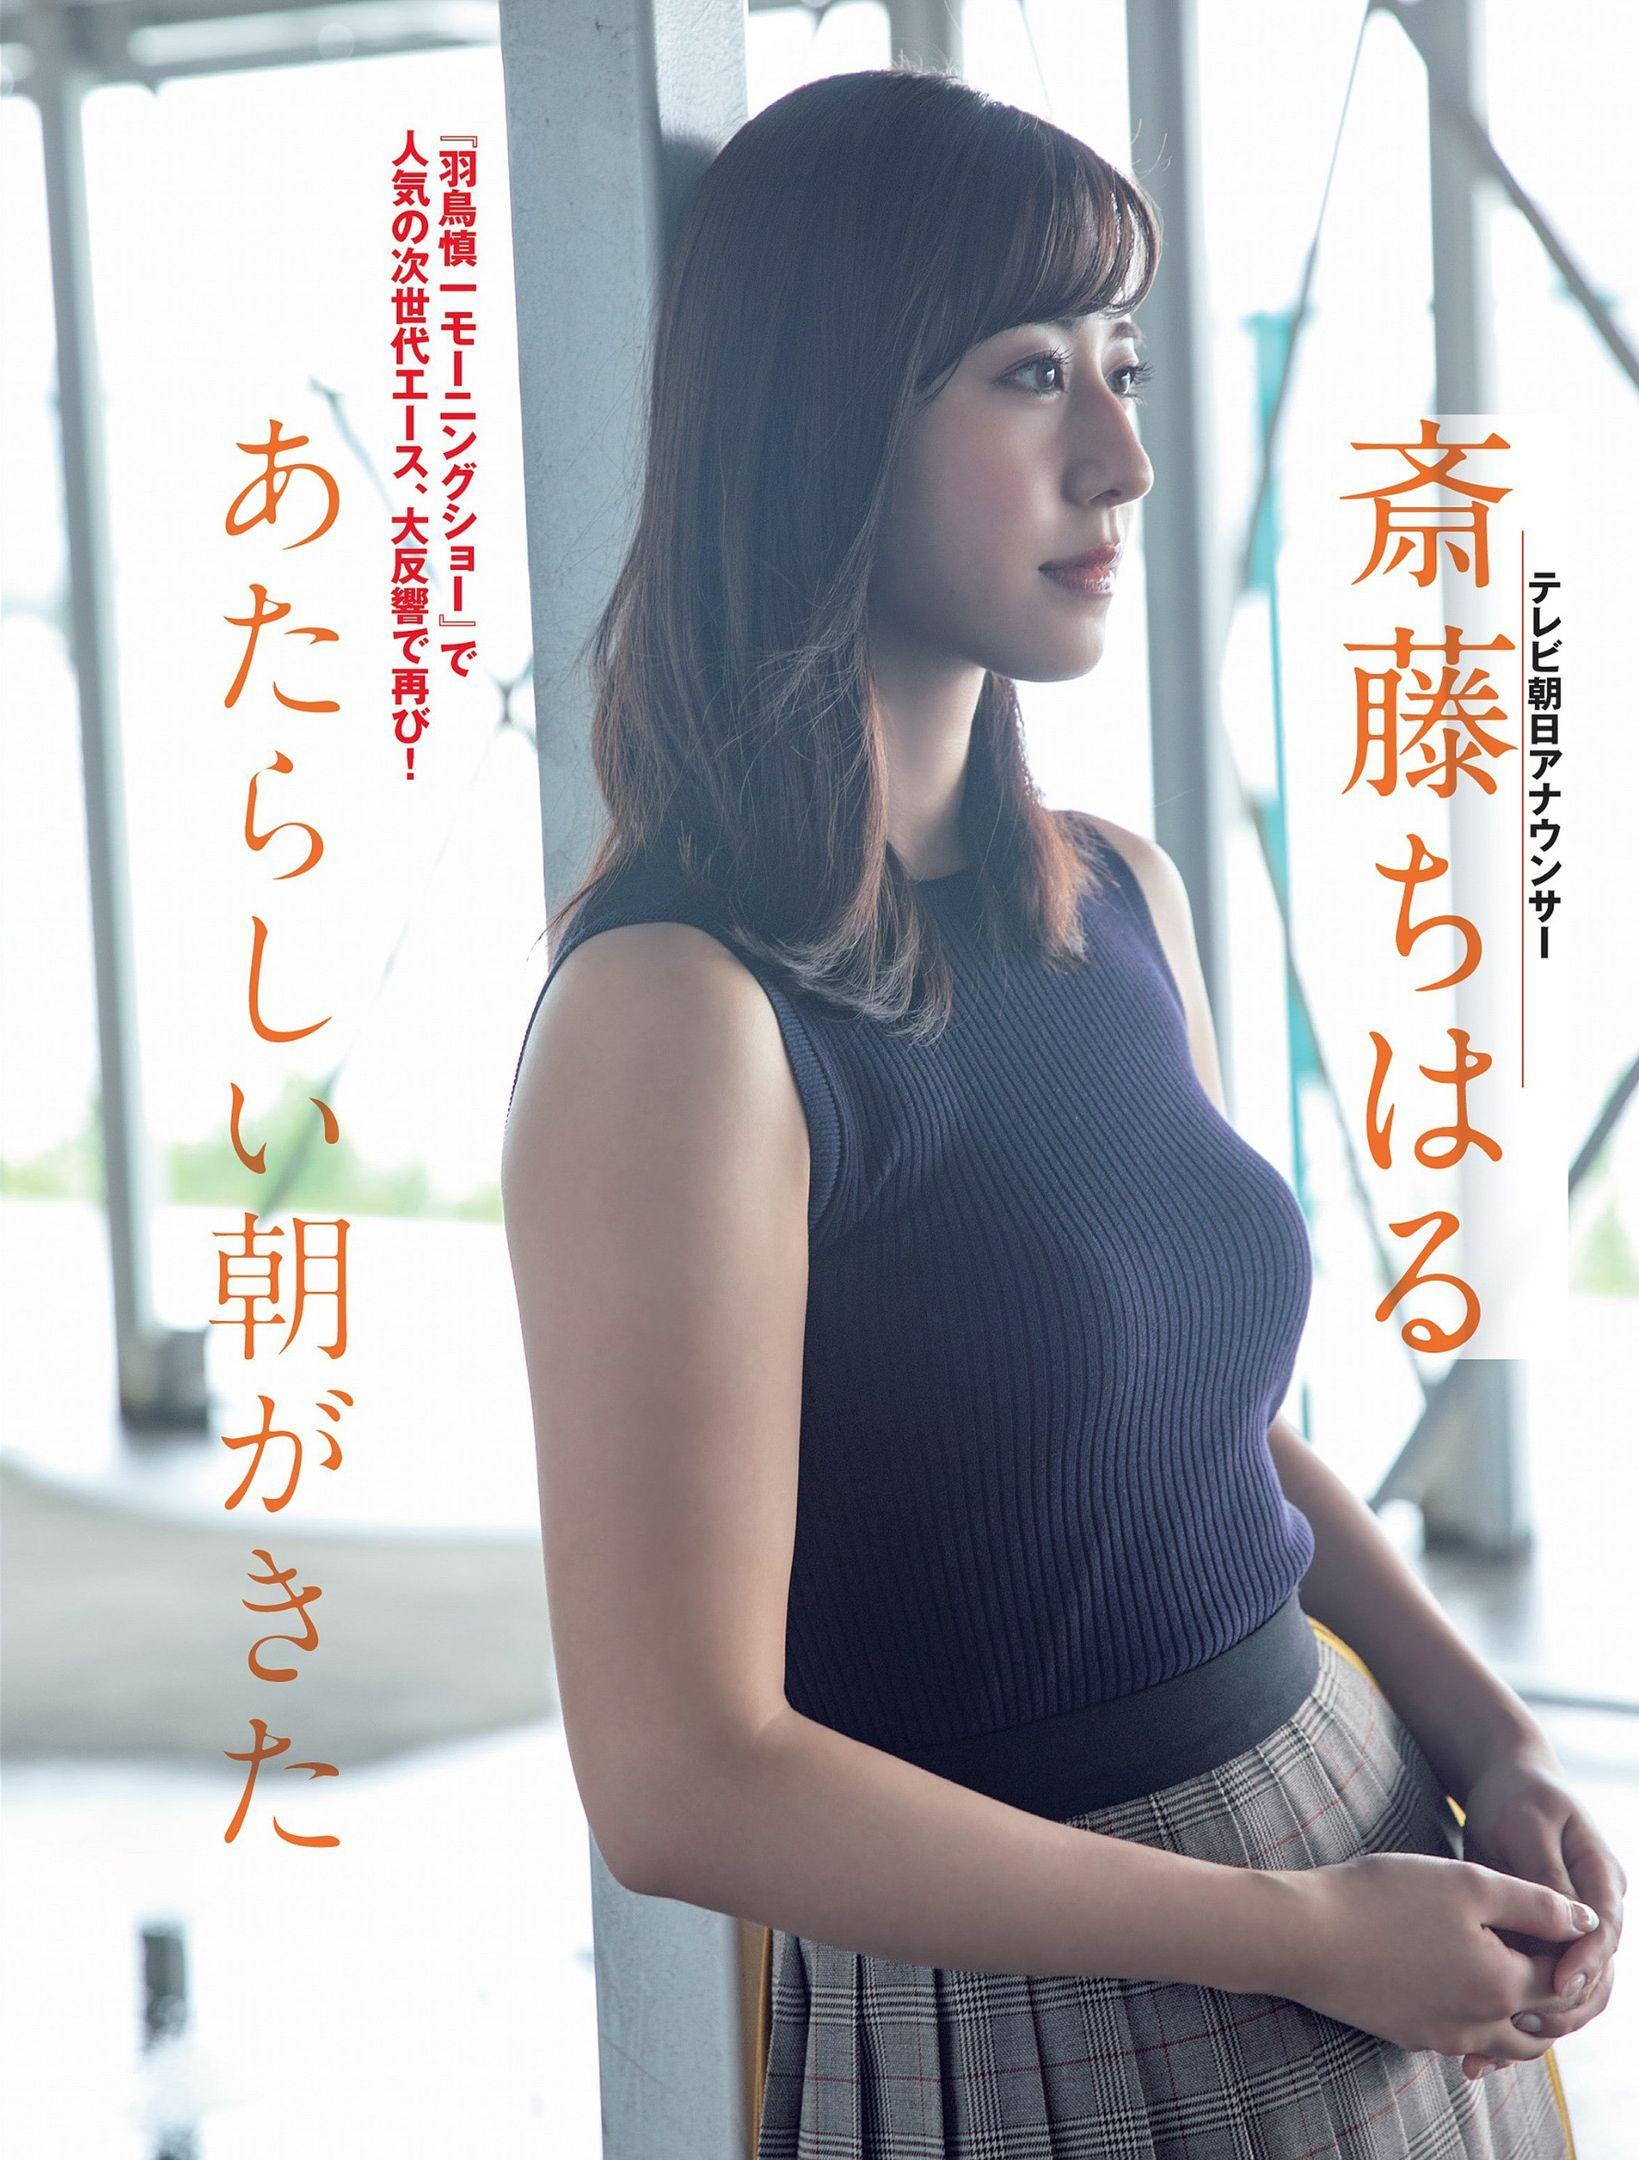 远藤樱 井桁弘惠-FLASH 2021年1.16-26刊  高清套图 第17张